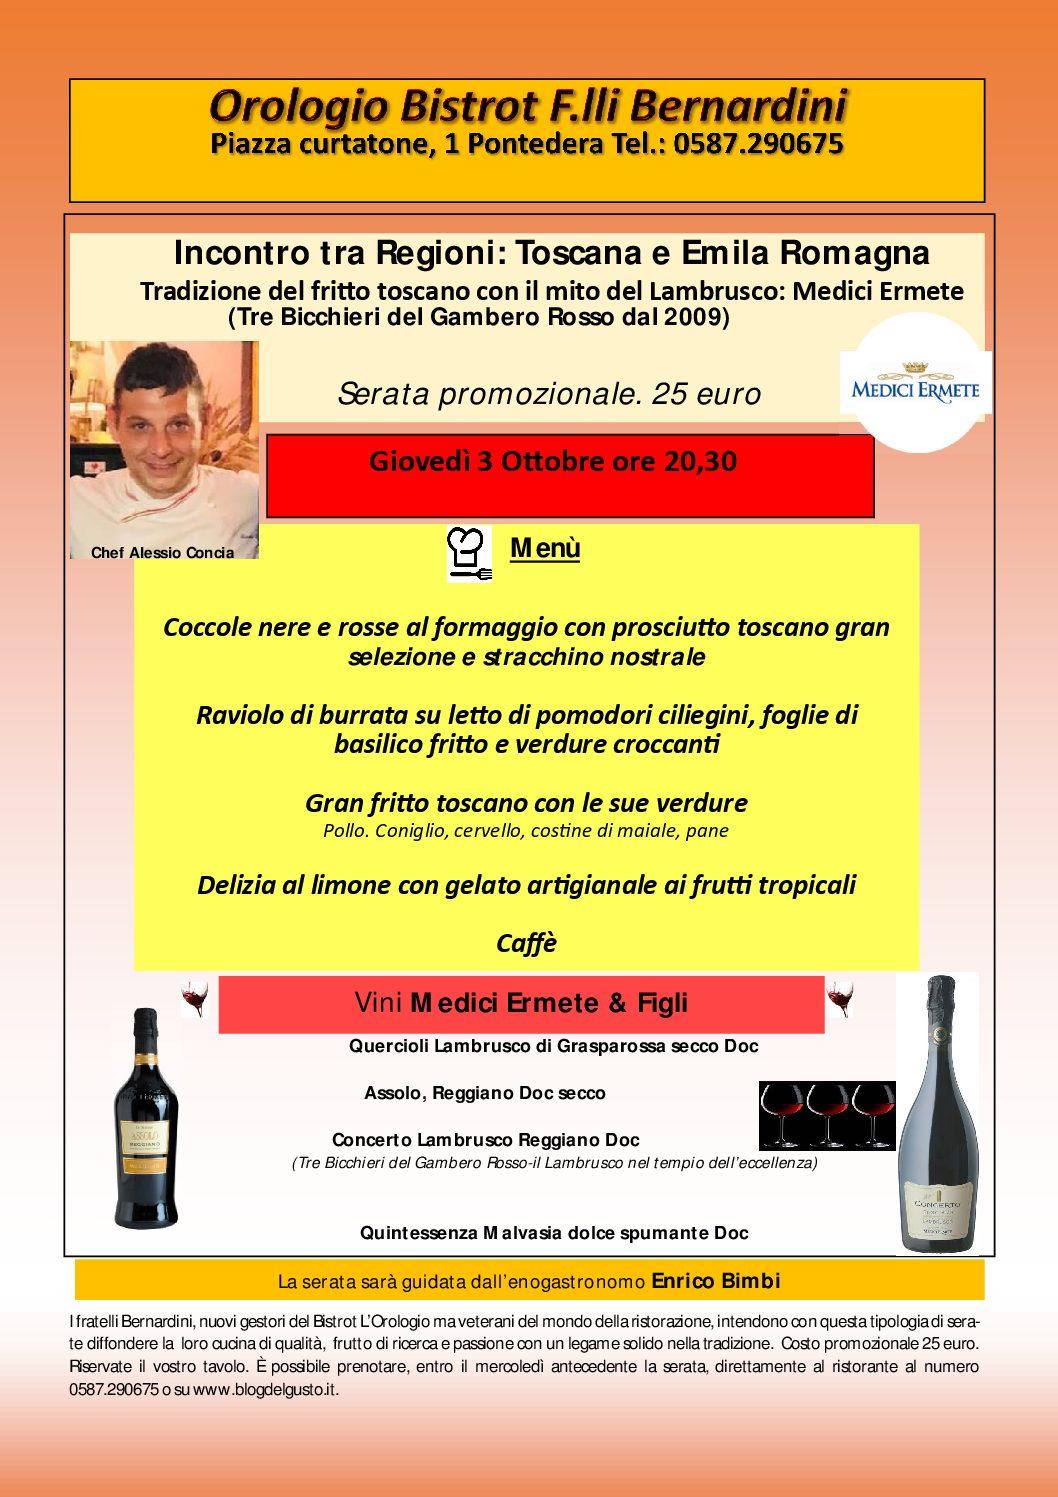 Il Tre Bicchieri Lambrusco Concerto con il gran fritto toscano, Toscana ed Emilia Romagna si incontrano all'Orologio Bistrot